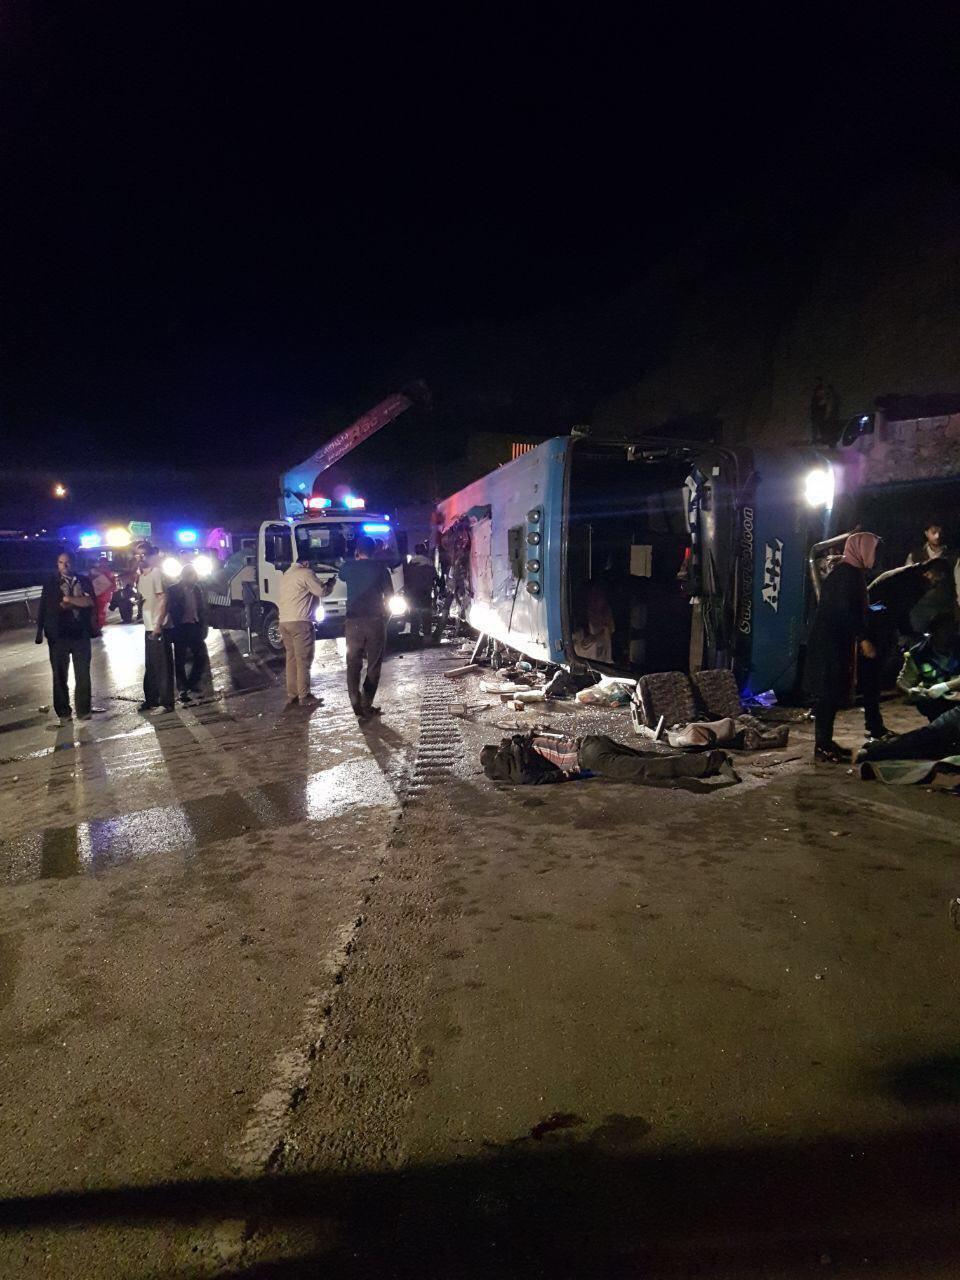 واژگونی مرگبار اتوبوس در جاده فيروزكوه/ 14 کشته و 18 زخمی (+عکس)